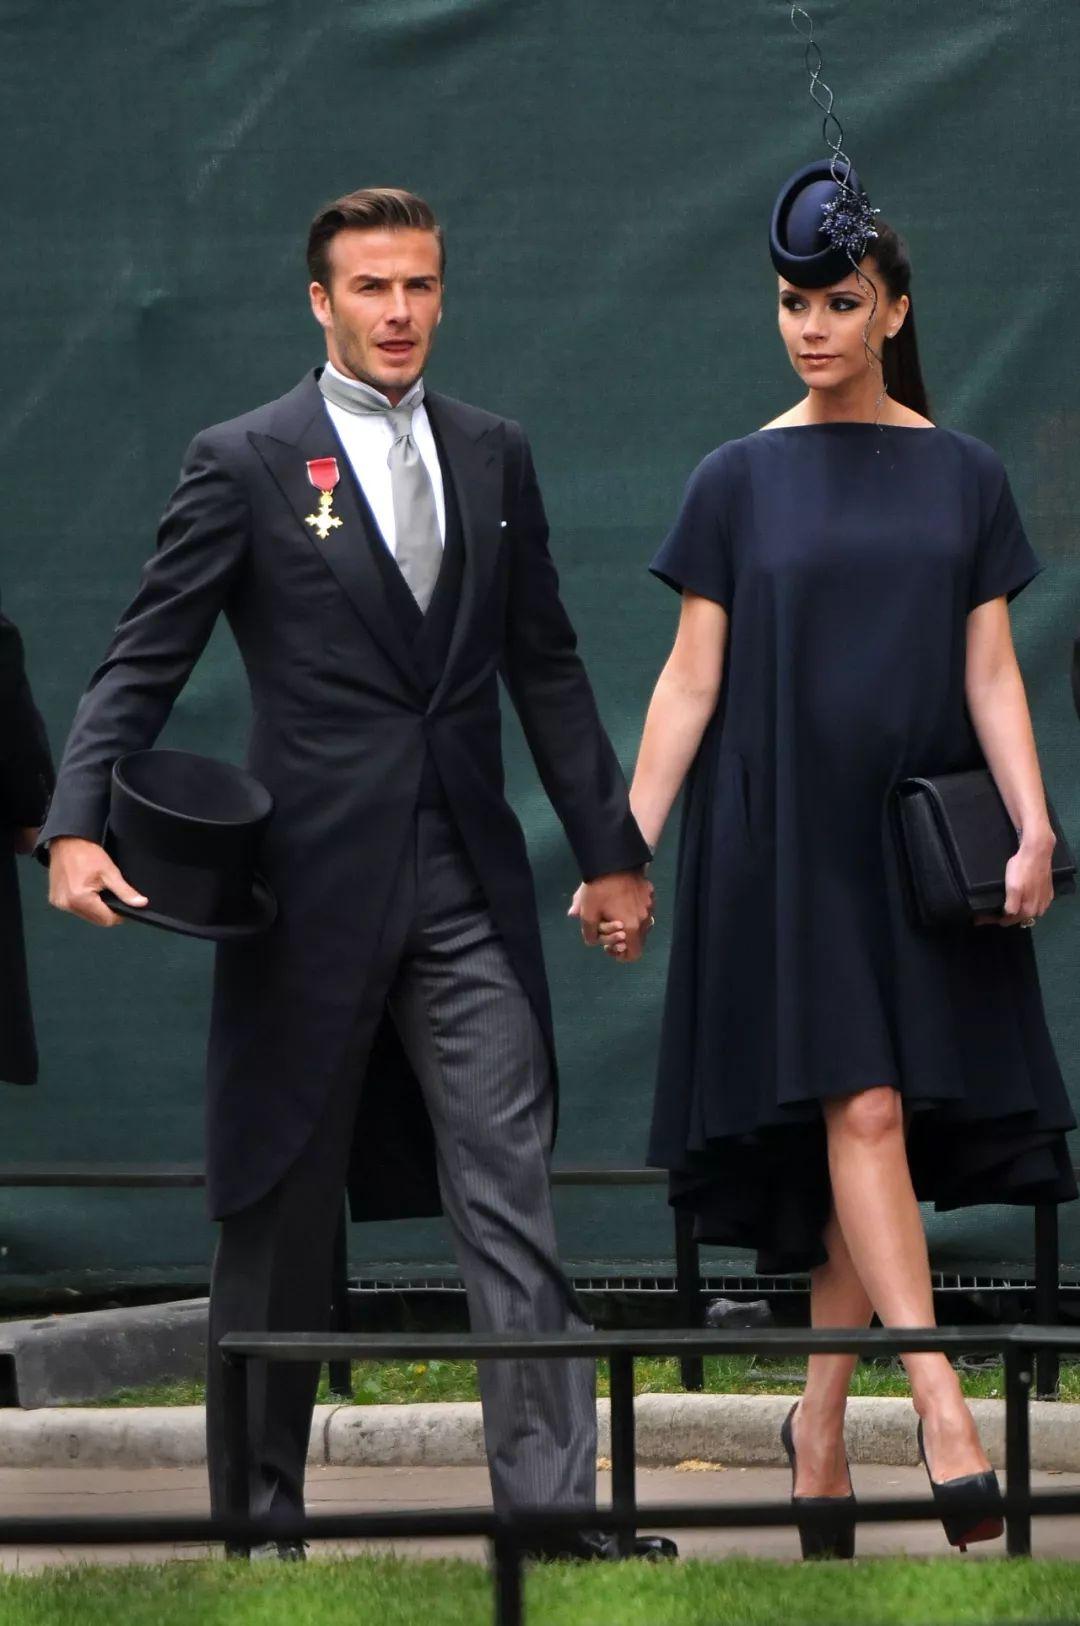 从英国皇室婚礼,你必须学的4个男士着装礼仪